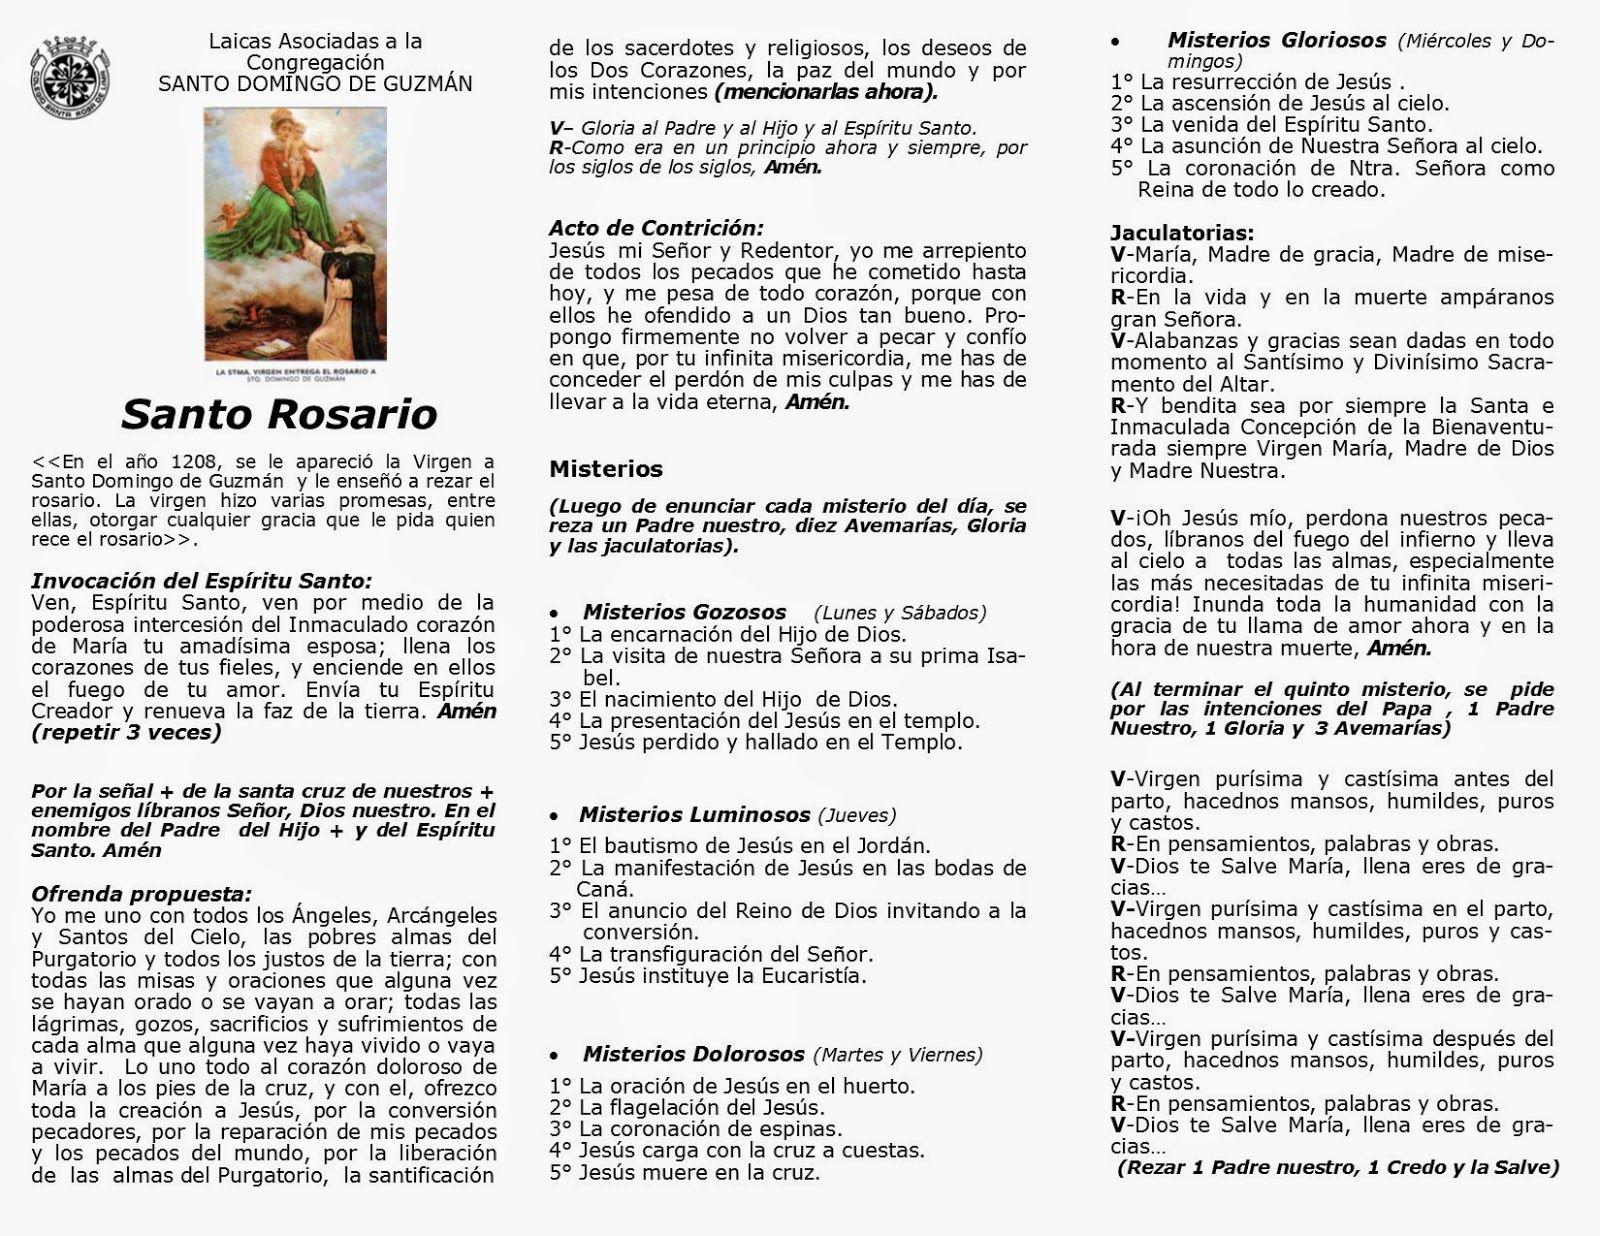 El Rosario Completo Para Imprimir Rosario Completo Rezar El Rosario Completo Rezar El Rosario